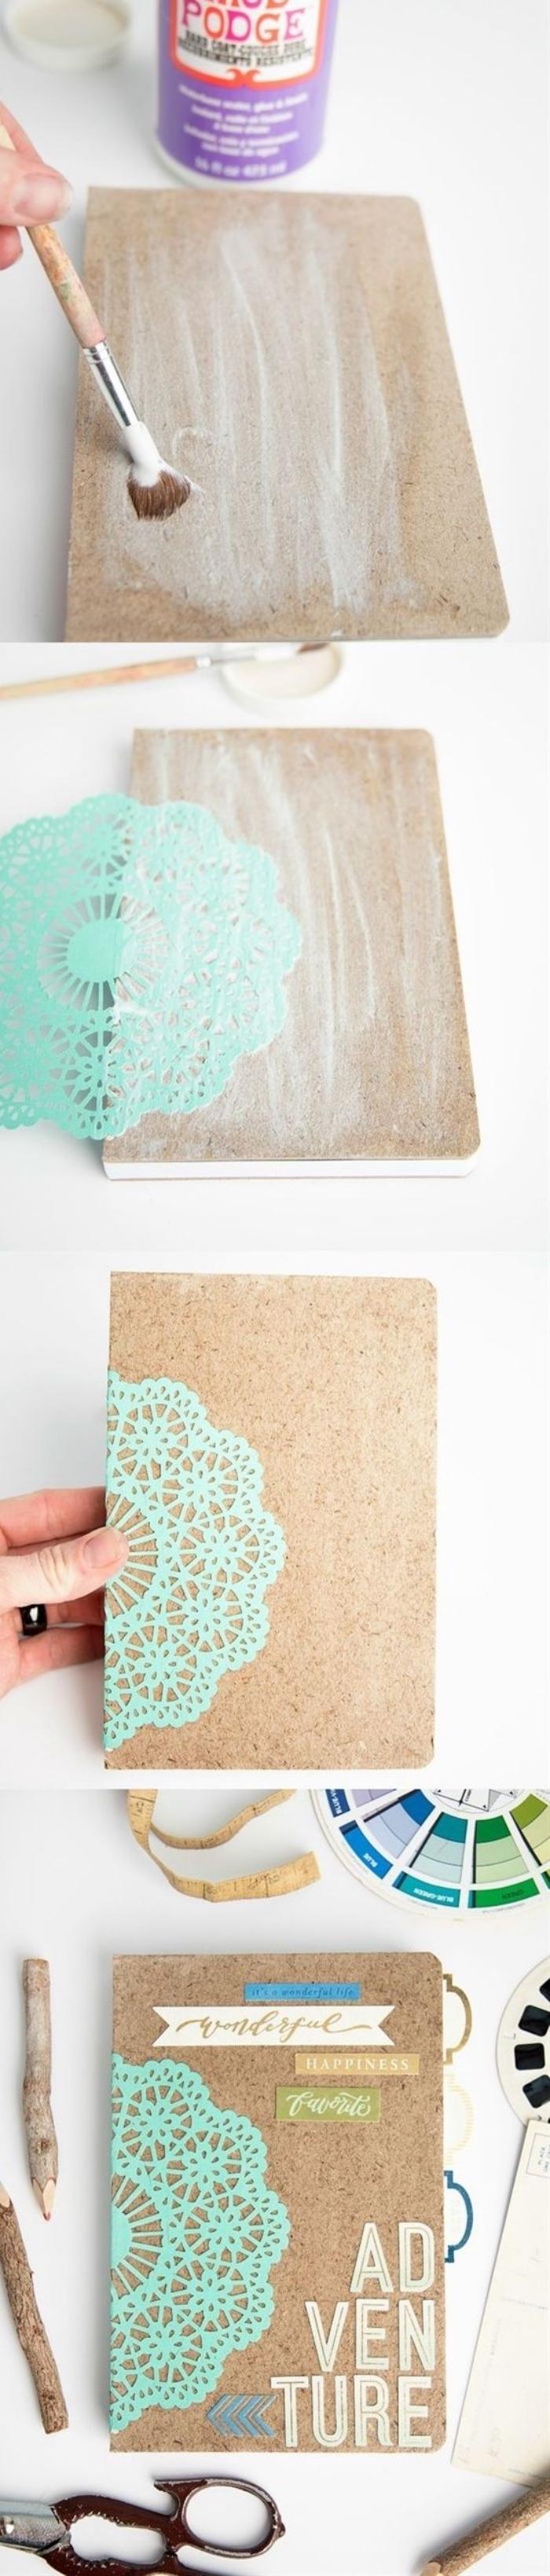 bricolage facile, comment fabriquer un carnet de voyage, couverture customisée, motifs, imprimés en papier, idée scrapbooking